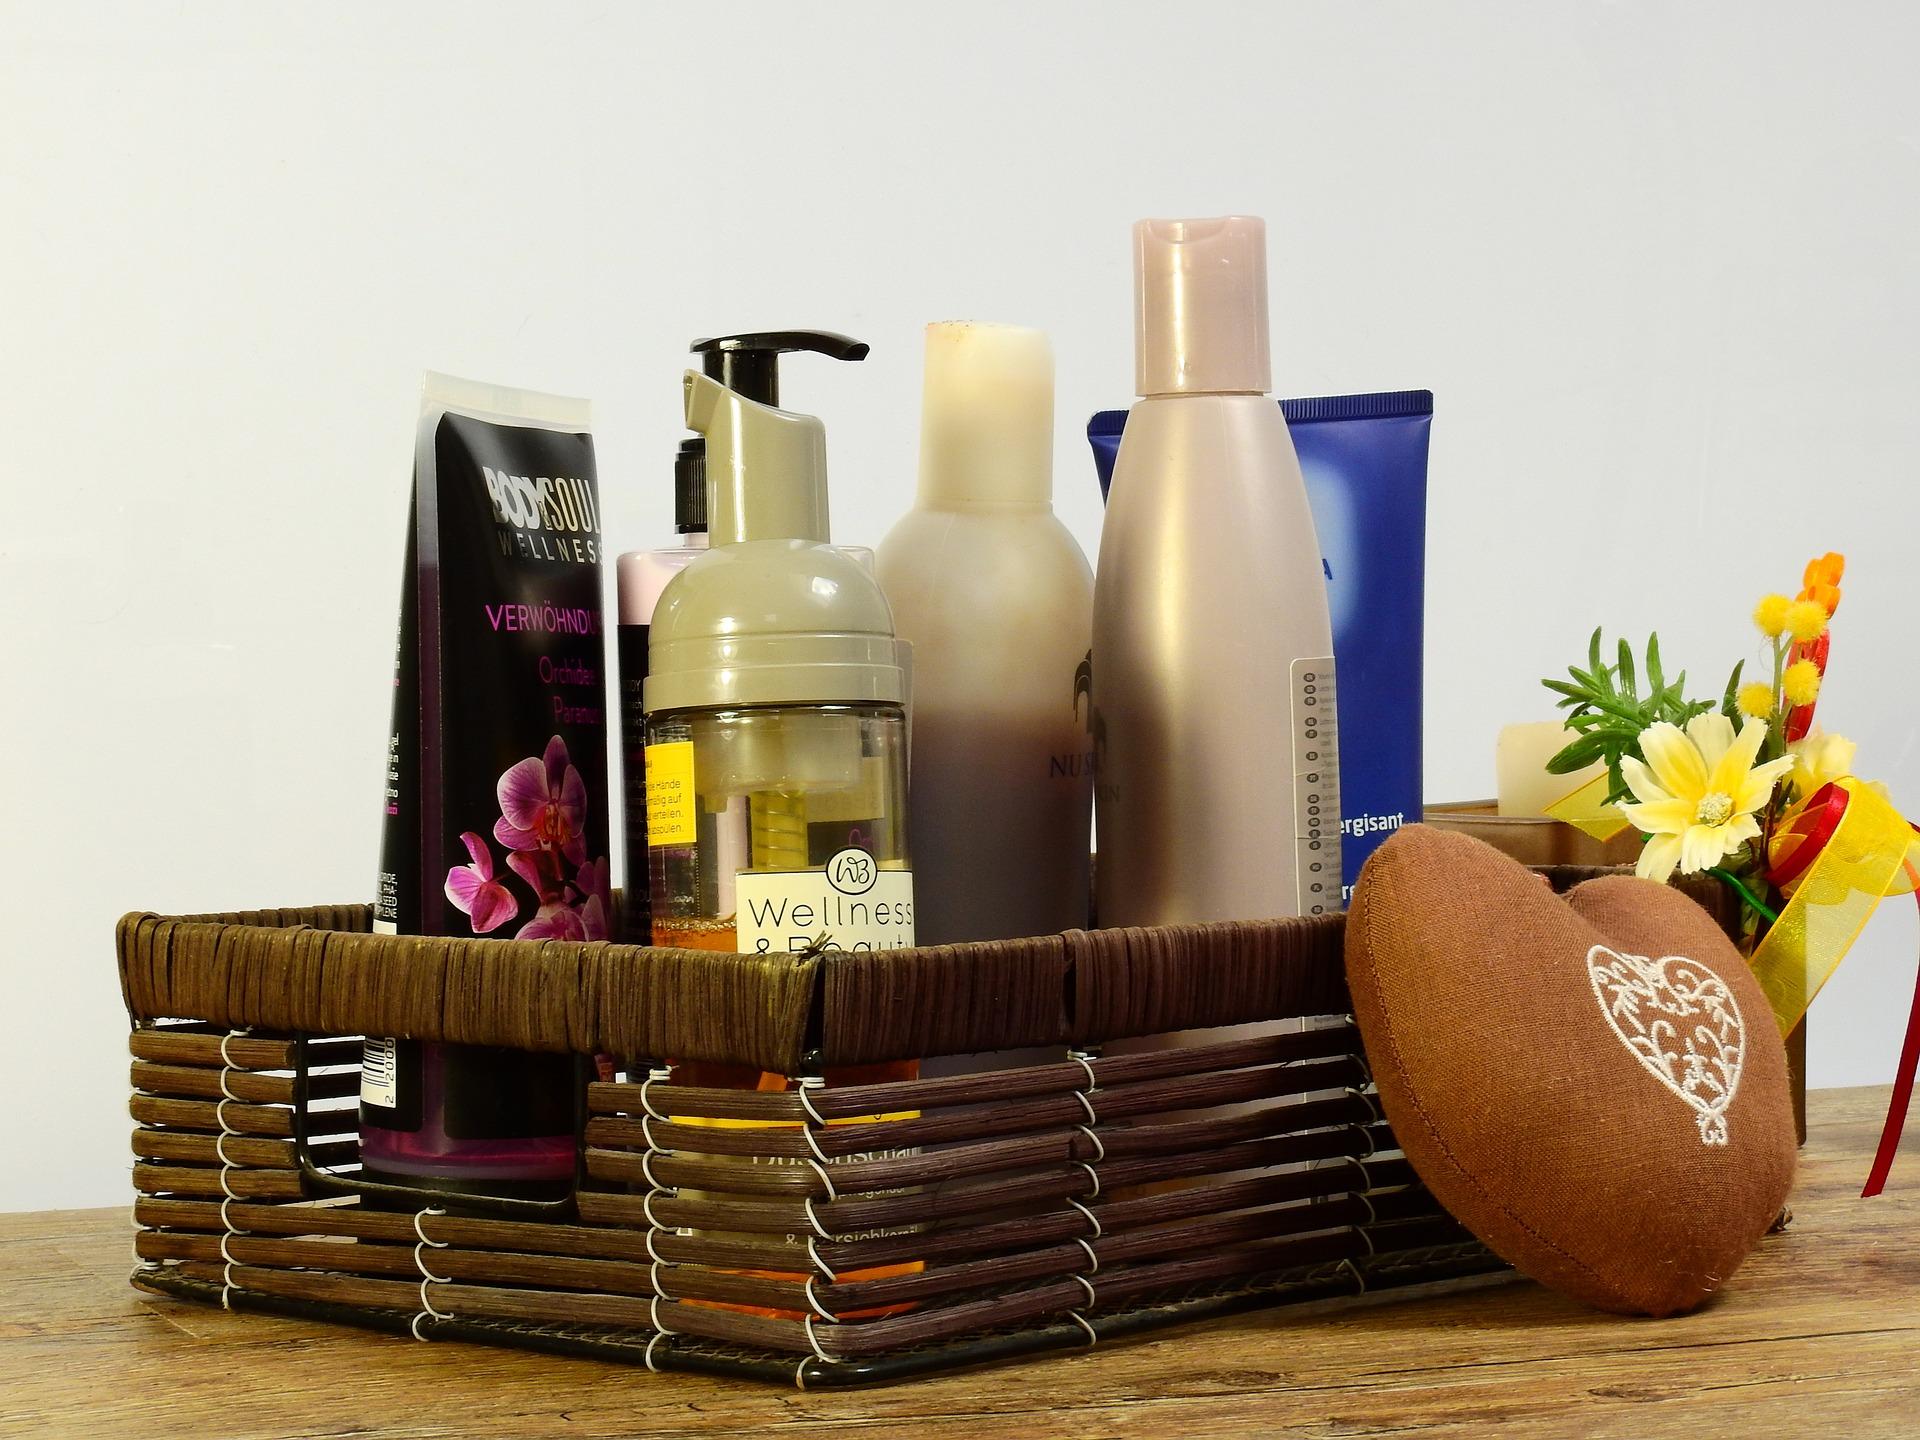 Warum gibt es so viele CBD-Kosmetikprodukte?